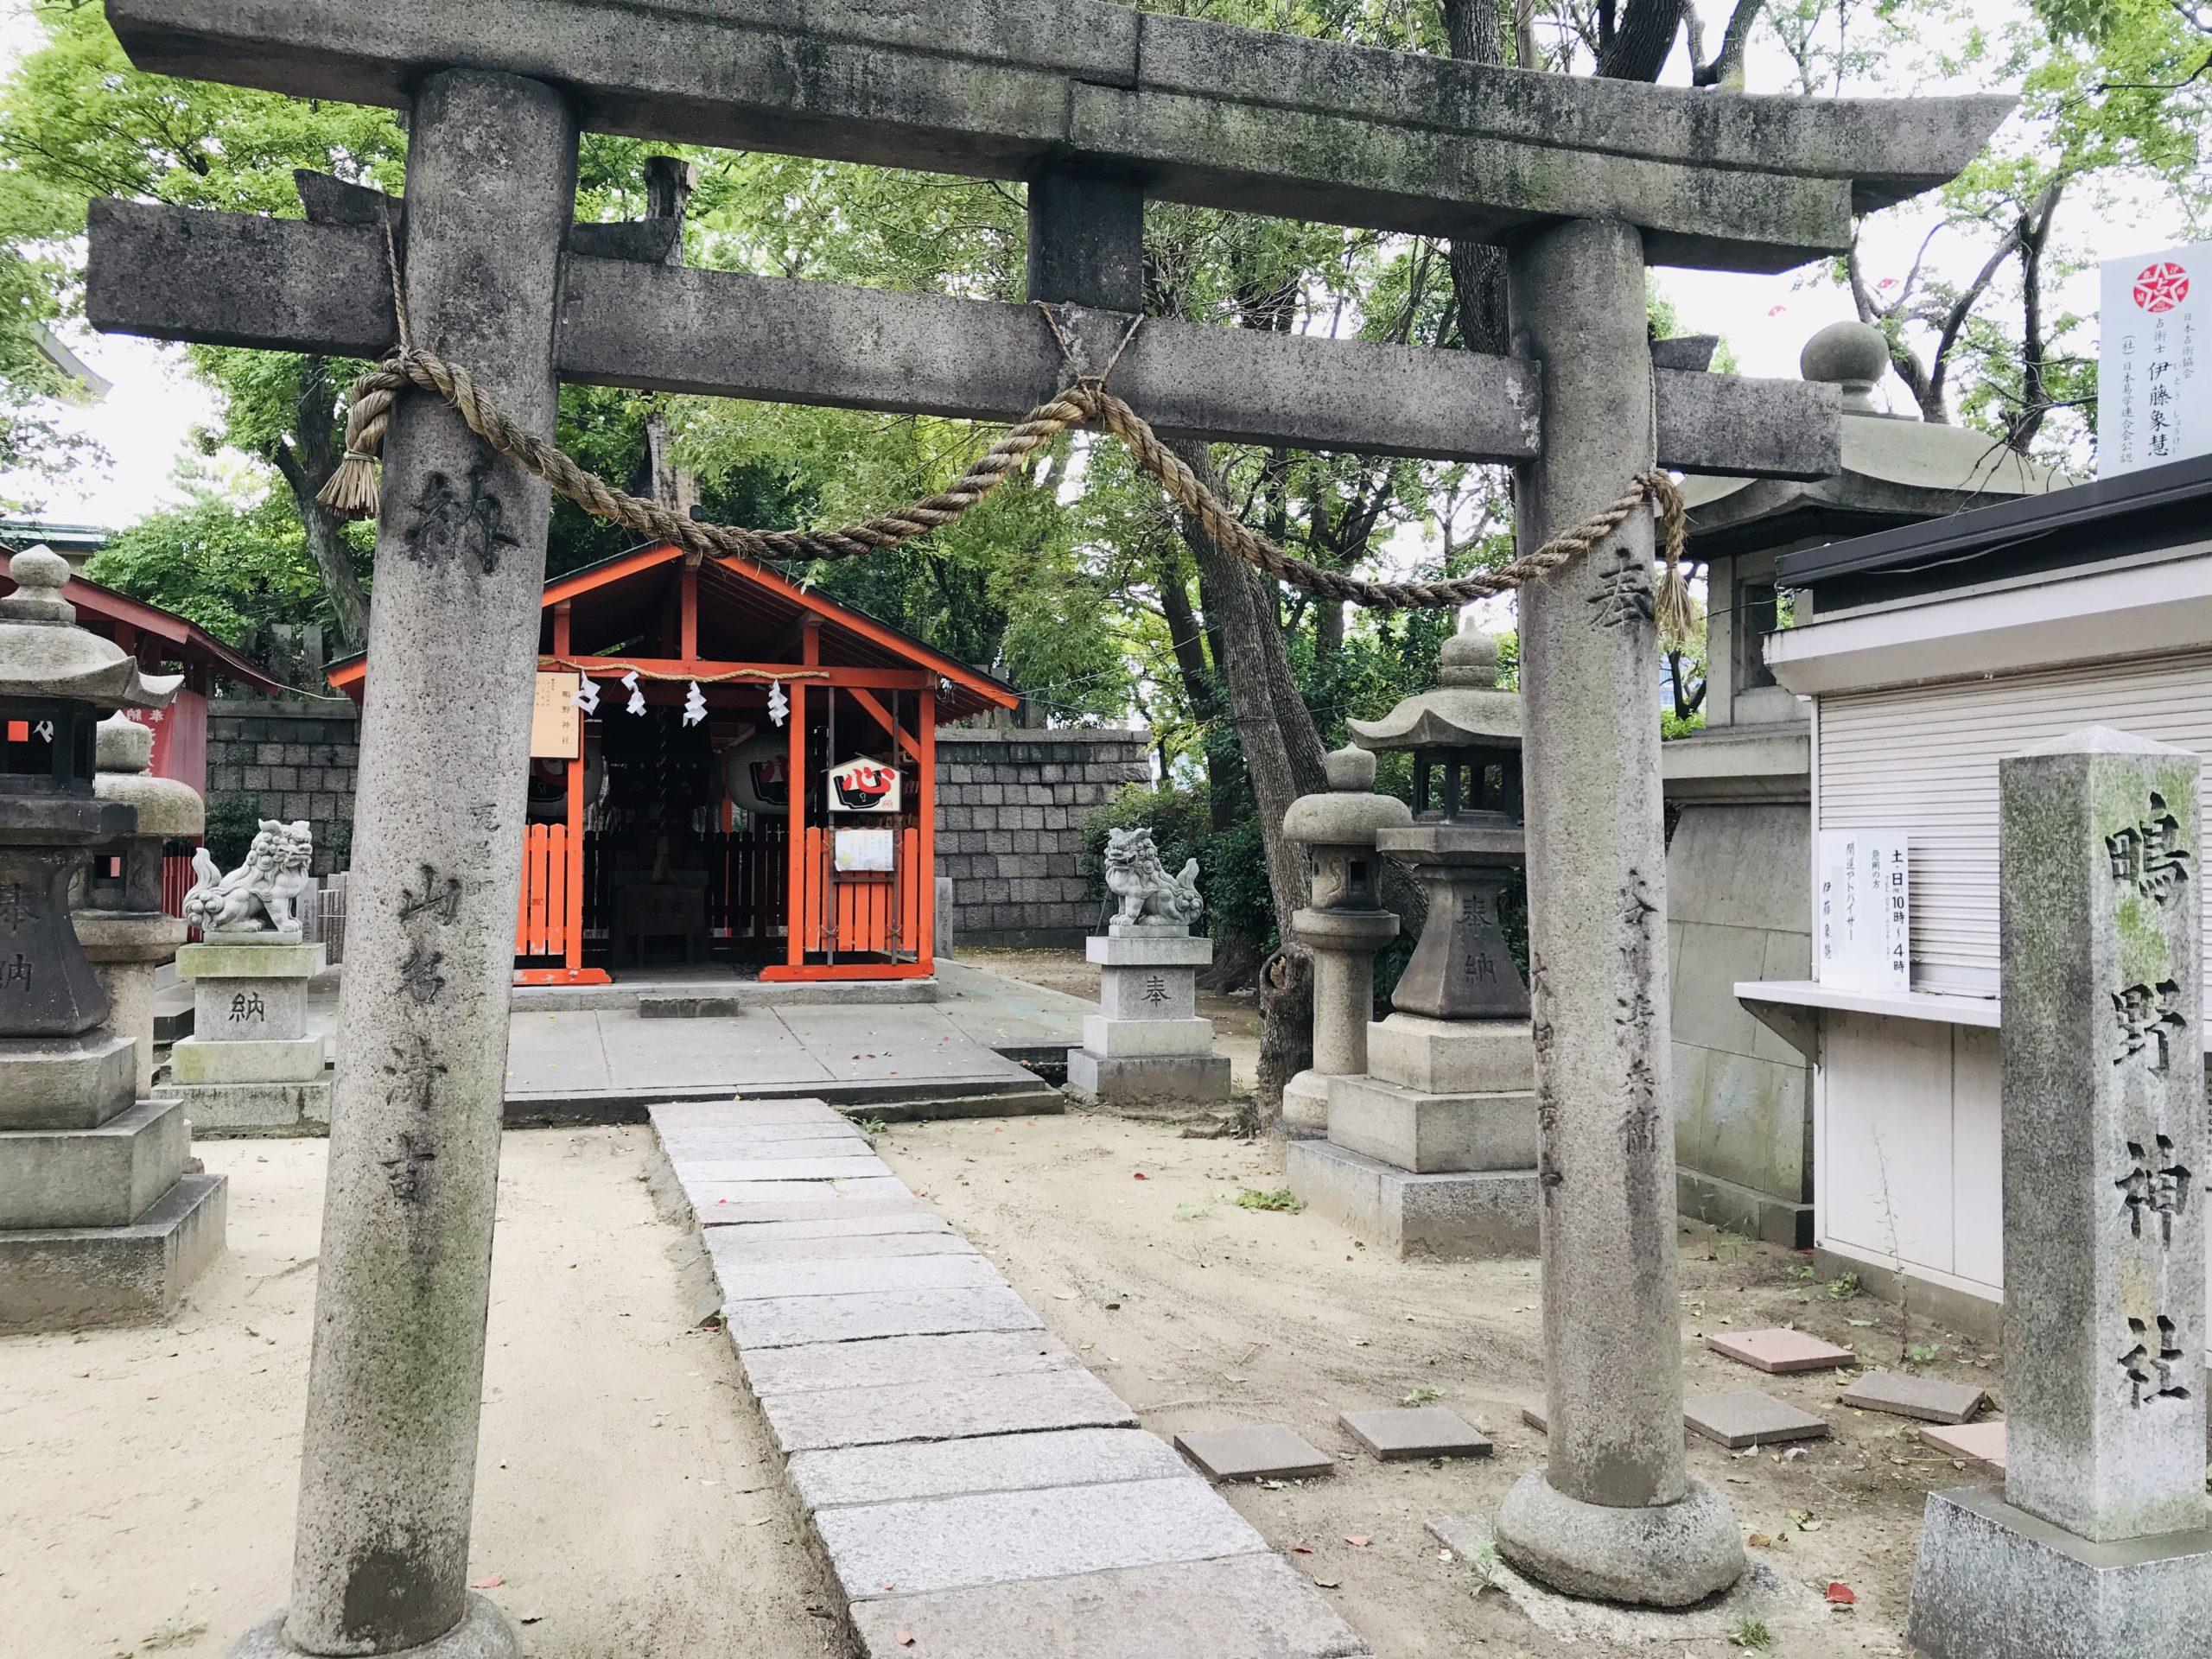 生國魂神社の鴫野神社は縁結び・縁切りパワースポット